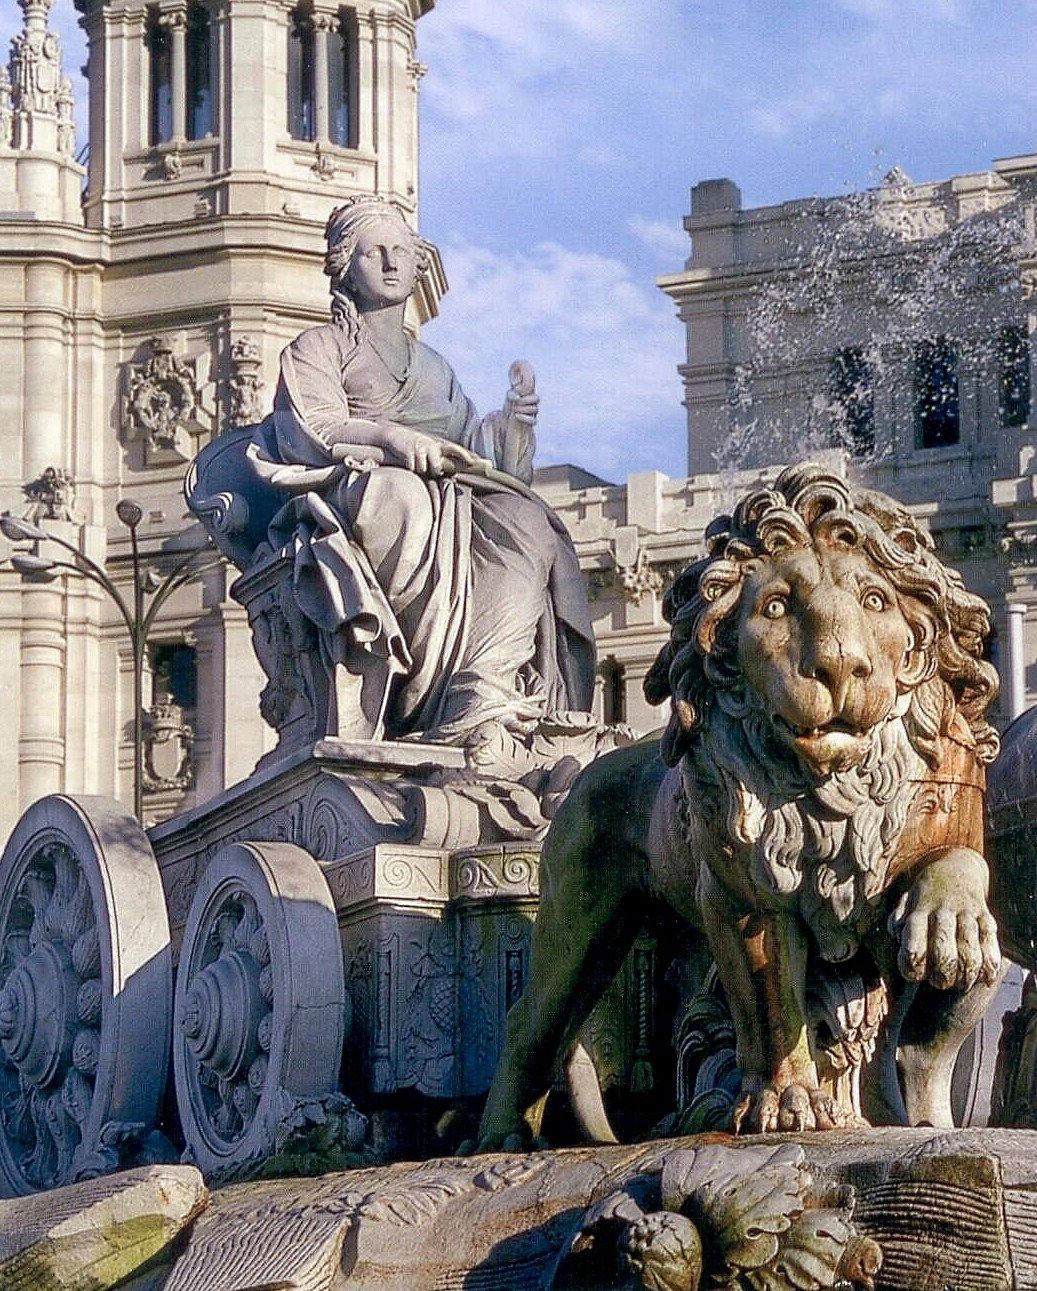 Te ofrecemos una de las hermosas obras que verás en #Madrid Fuente de Cibeles #Viajar